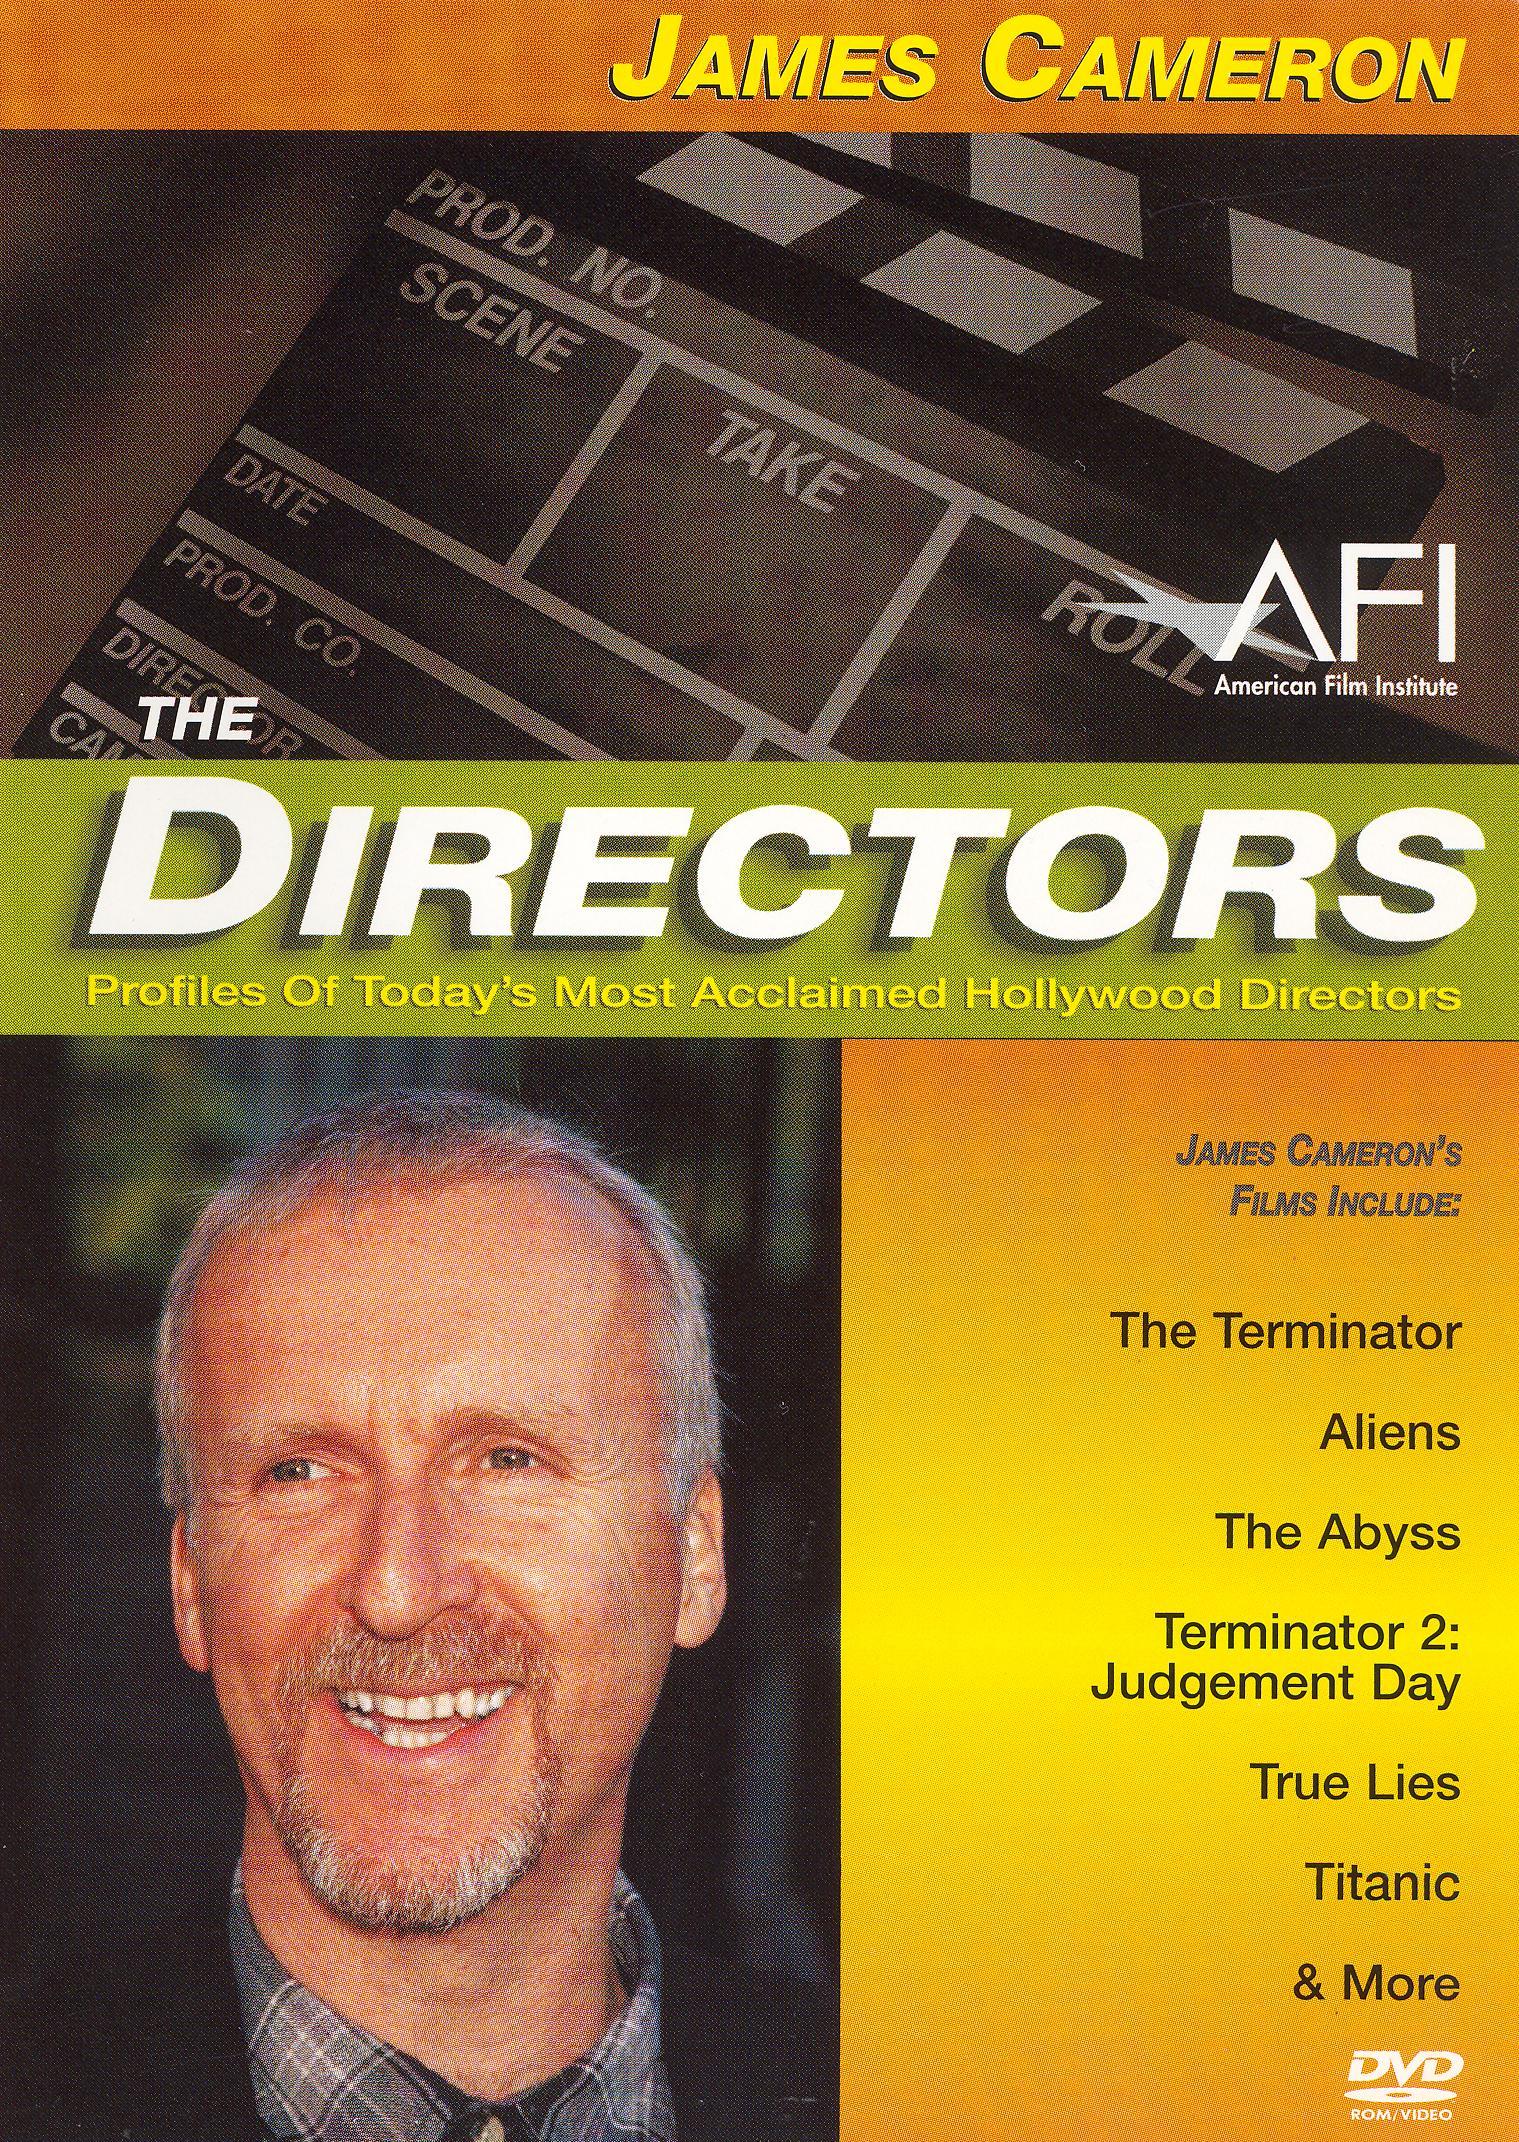 The Directors: James Cameron